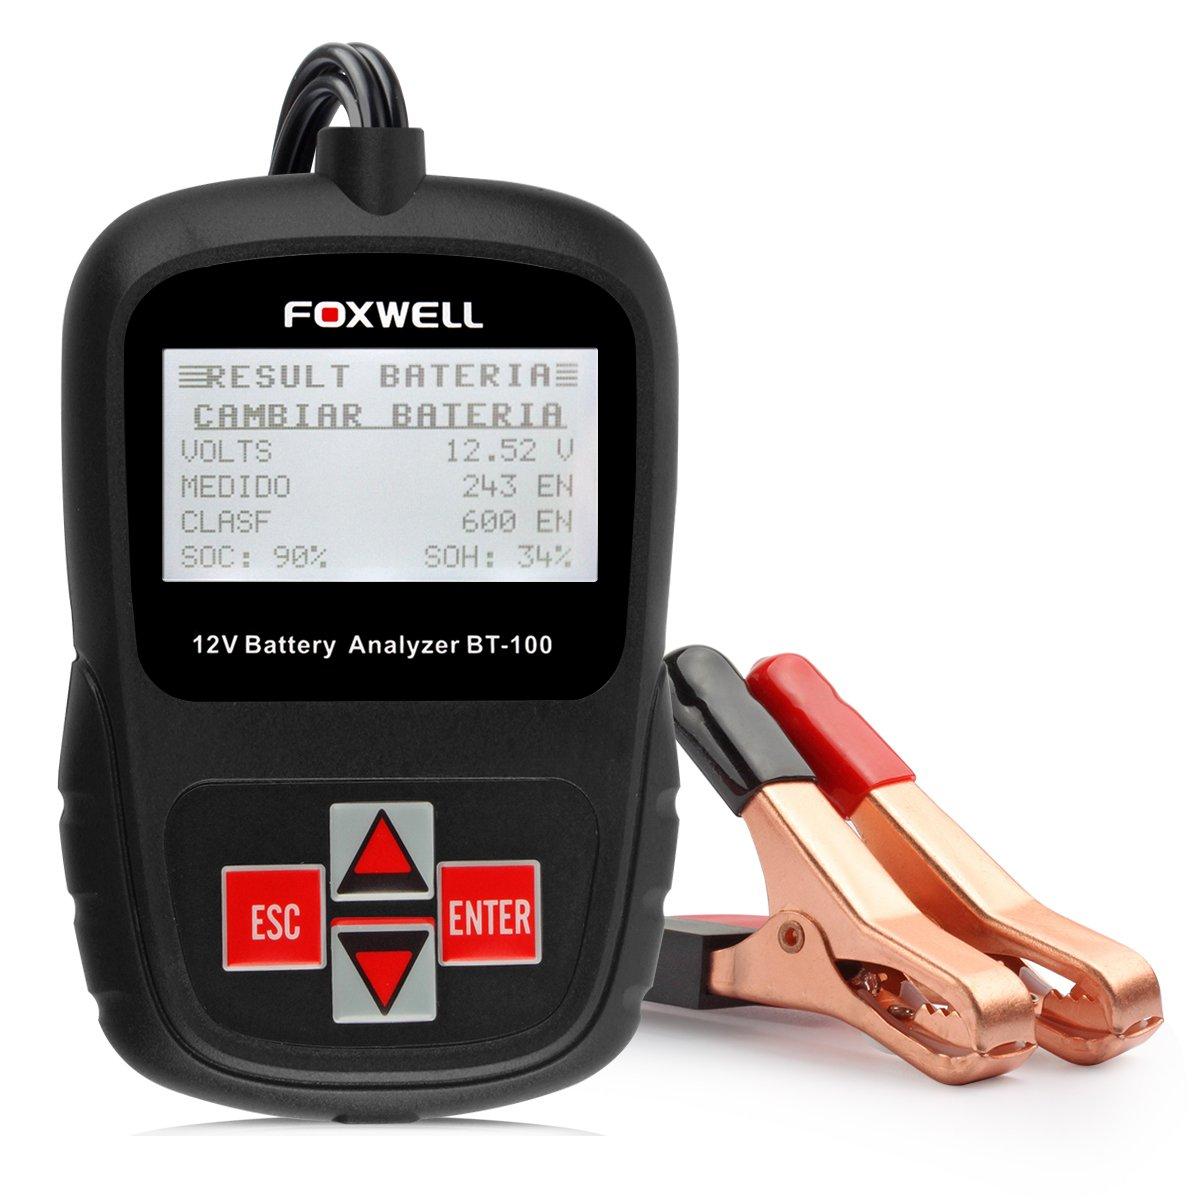 Foxwell Battery Analyzer BT100 Pro 12V 100-1100 CCA testeur de charge de batterie détecter régulièrement inondé, AGM plate, AGM spirale et gel Batteries santé directement